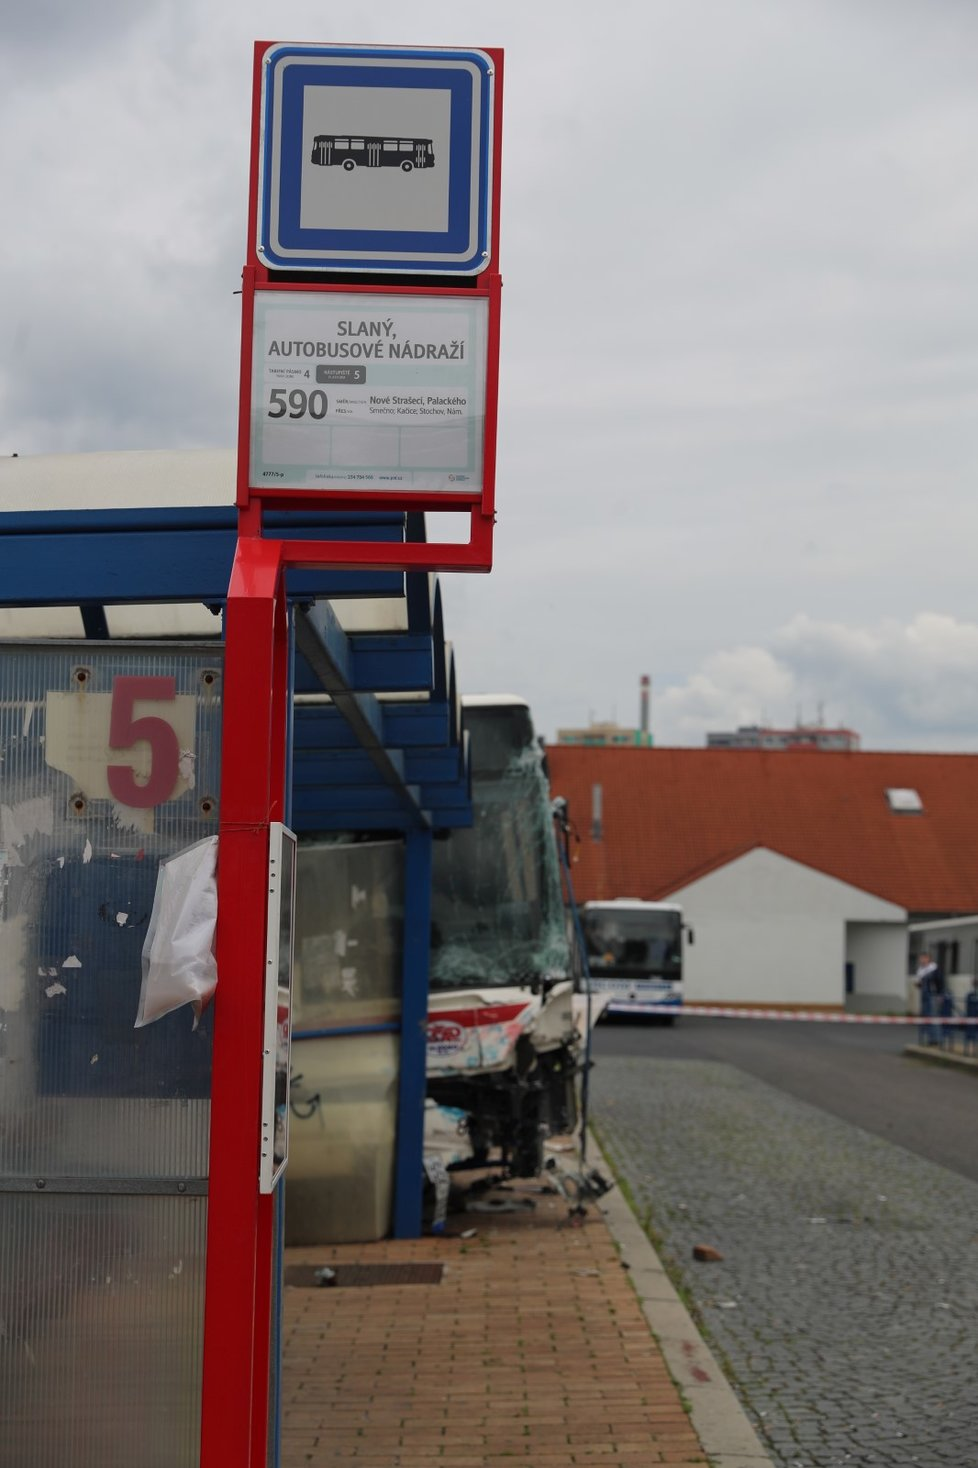 Autobus vjel ve Slaném na autobusovou zastávku s lidmi. Nehodu bohužel nepřežilo dítě.